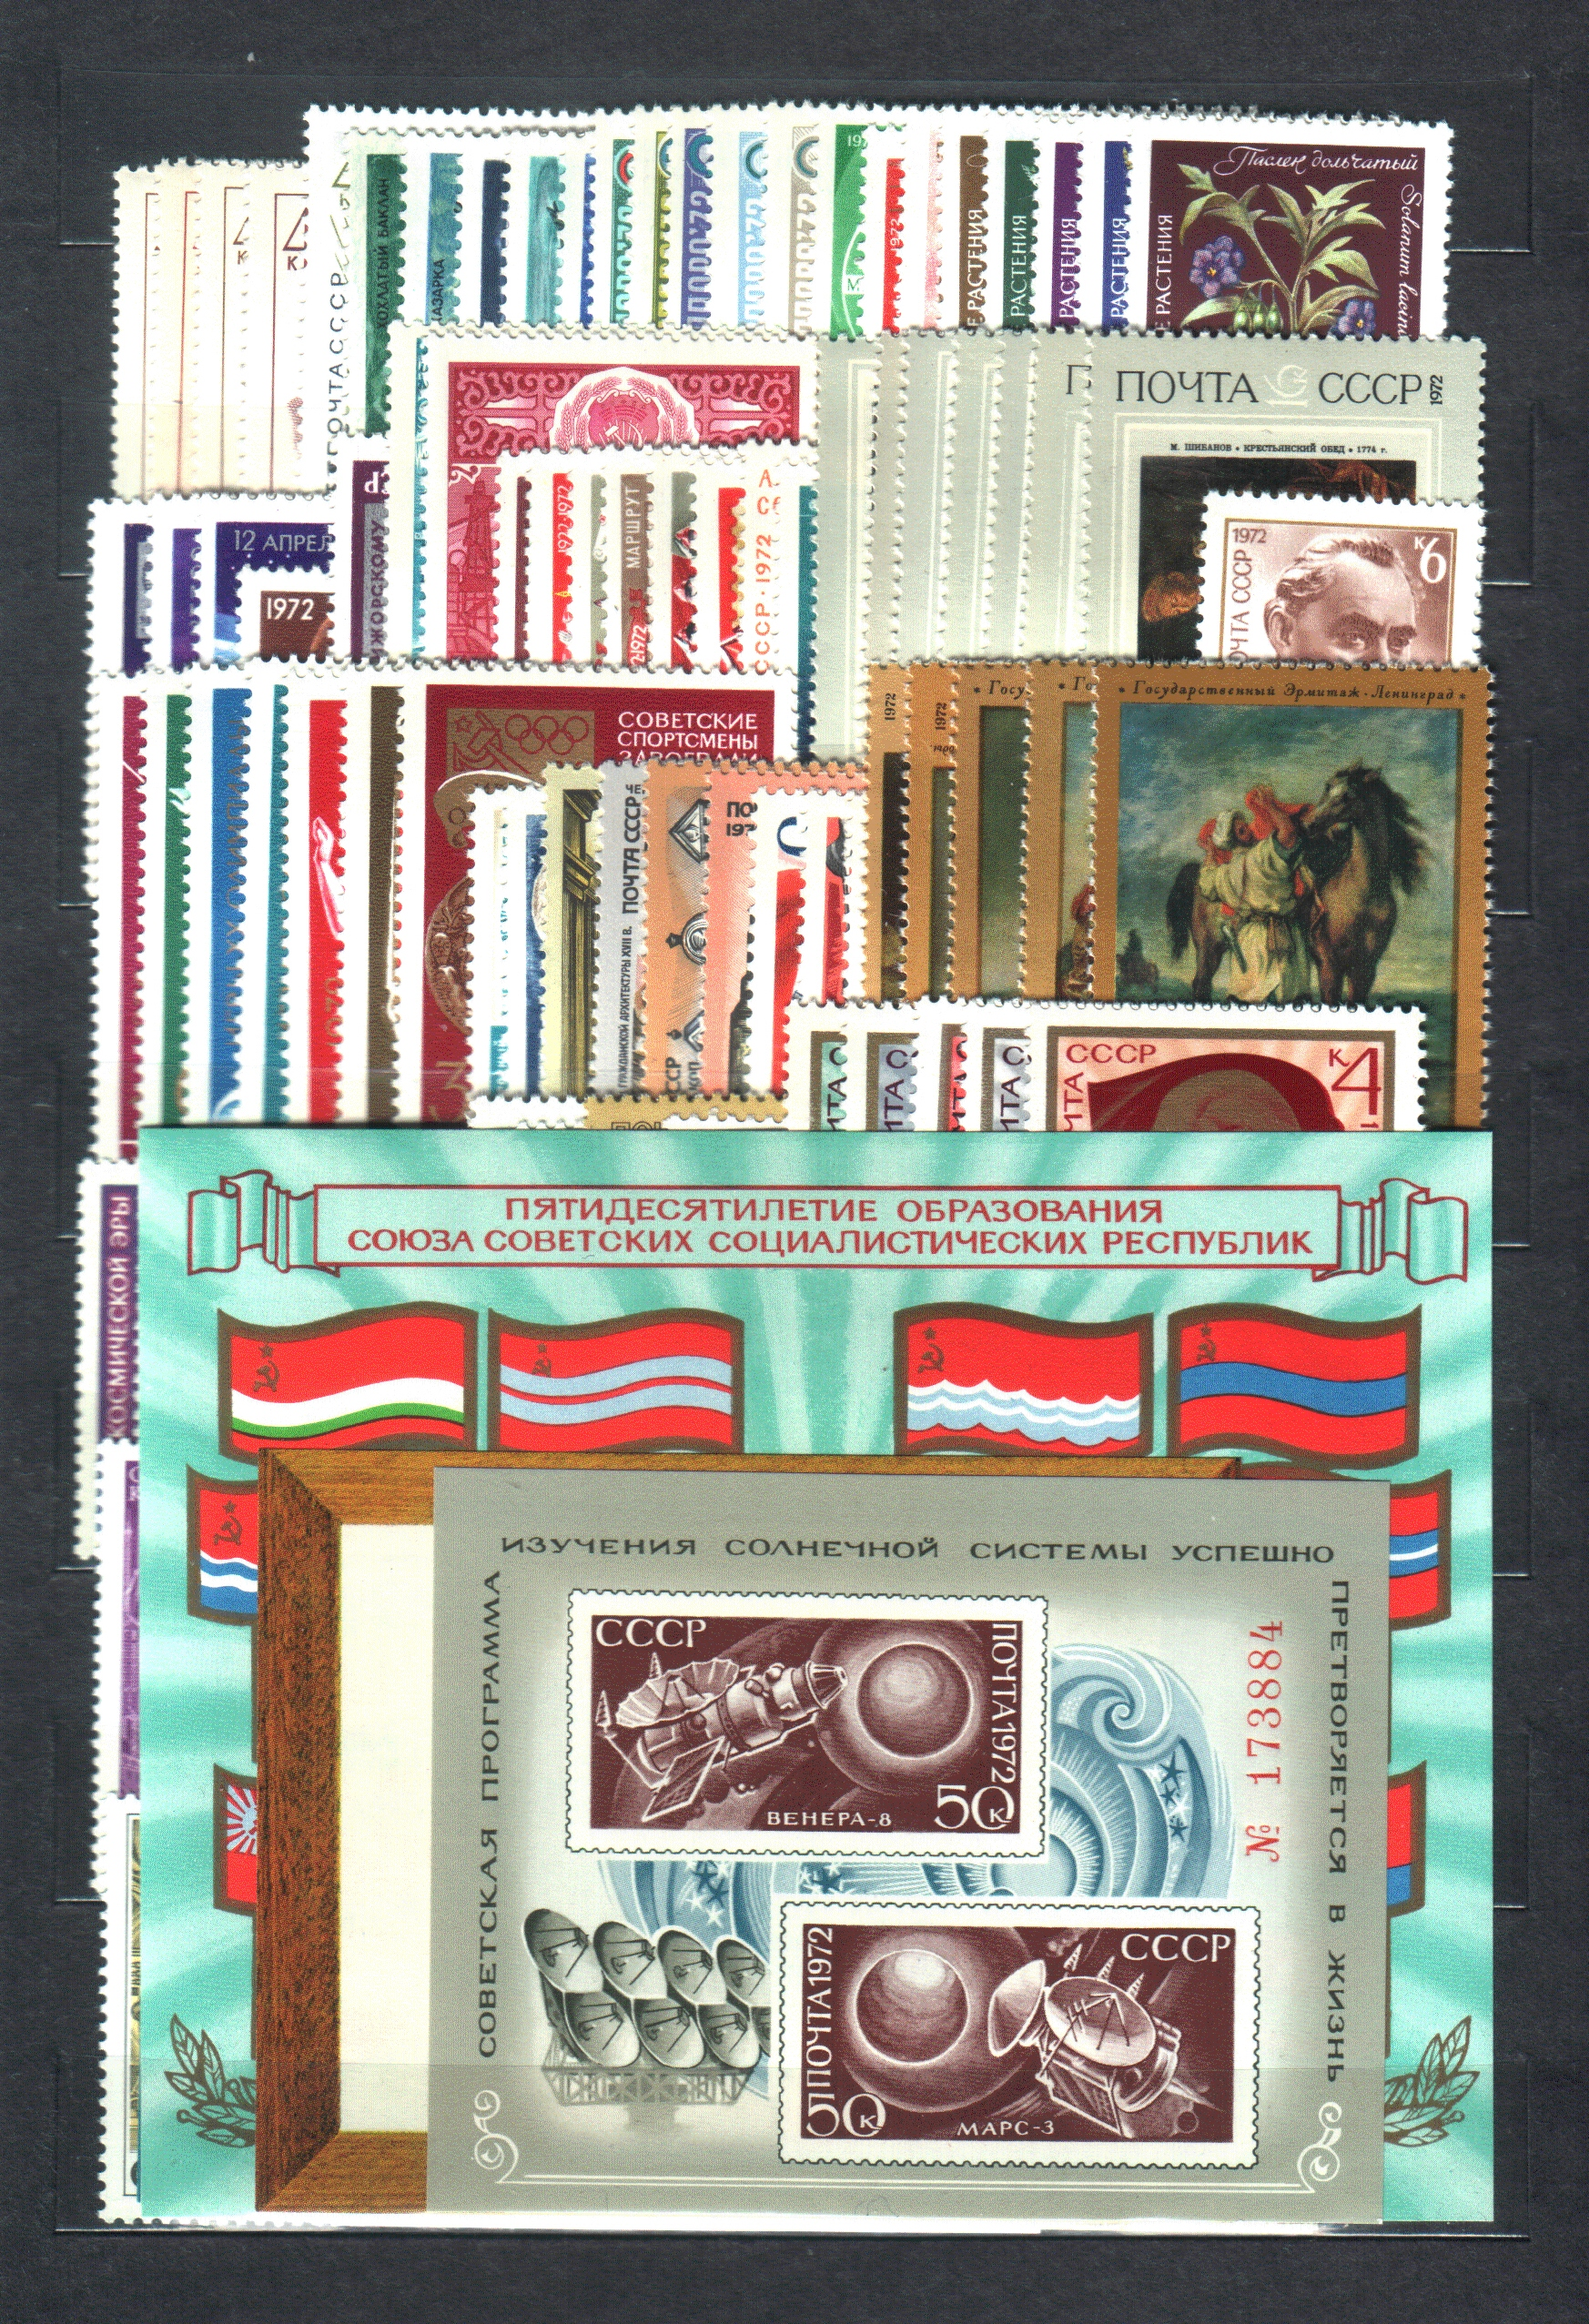 Годовой набор почтовых марок СССР 1972 год, 102 почтовых марки, 9 почтовых блоков